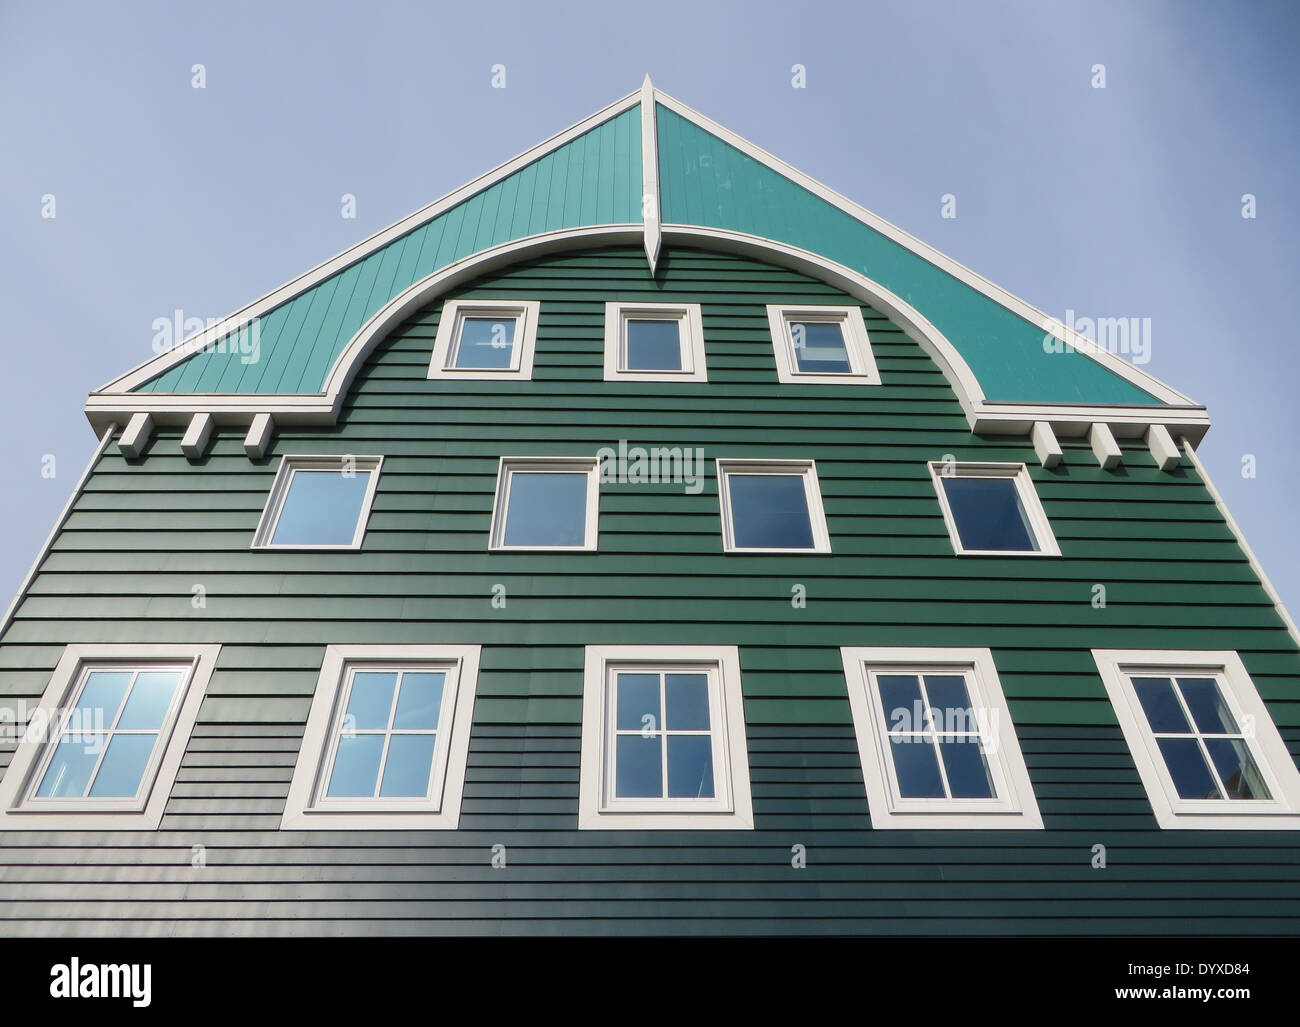 Zeitgenössische Architektur, der schamlos die traditionellen lokalen Baustil der Zaandam Holzhäuser zitiert Stockbild